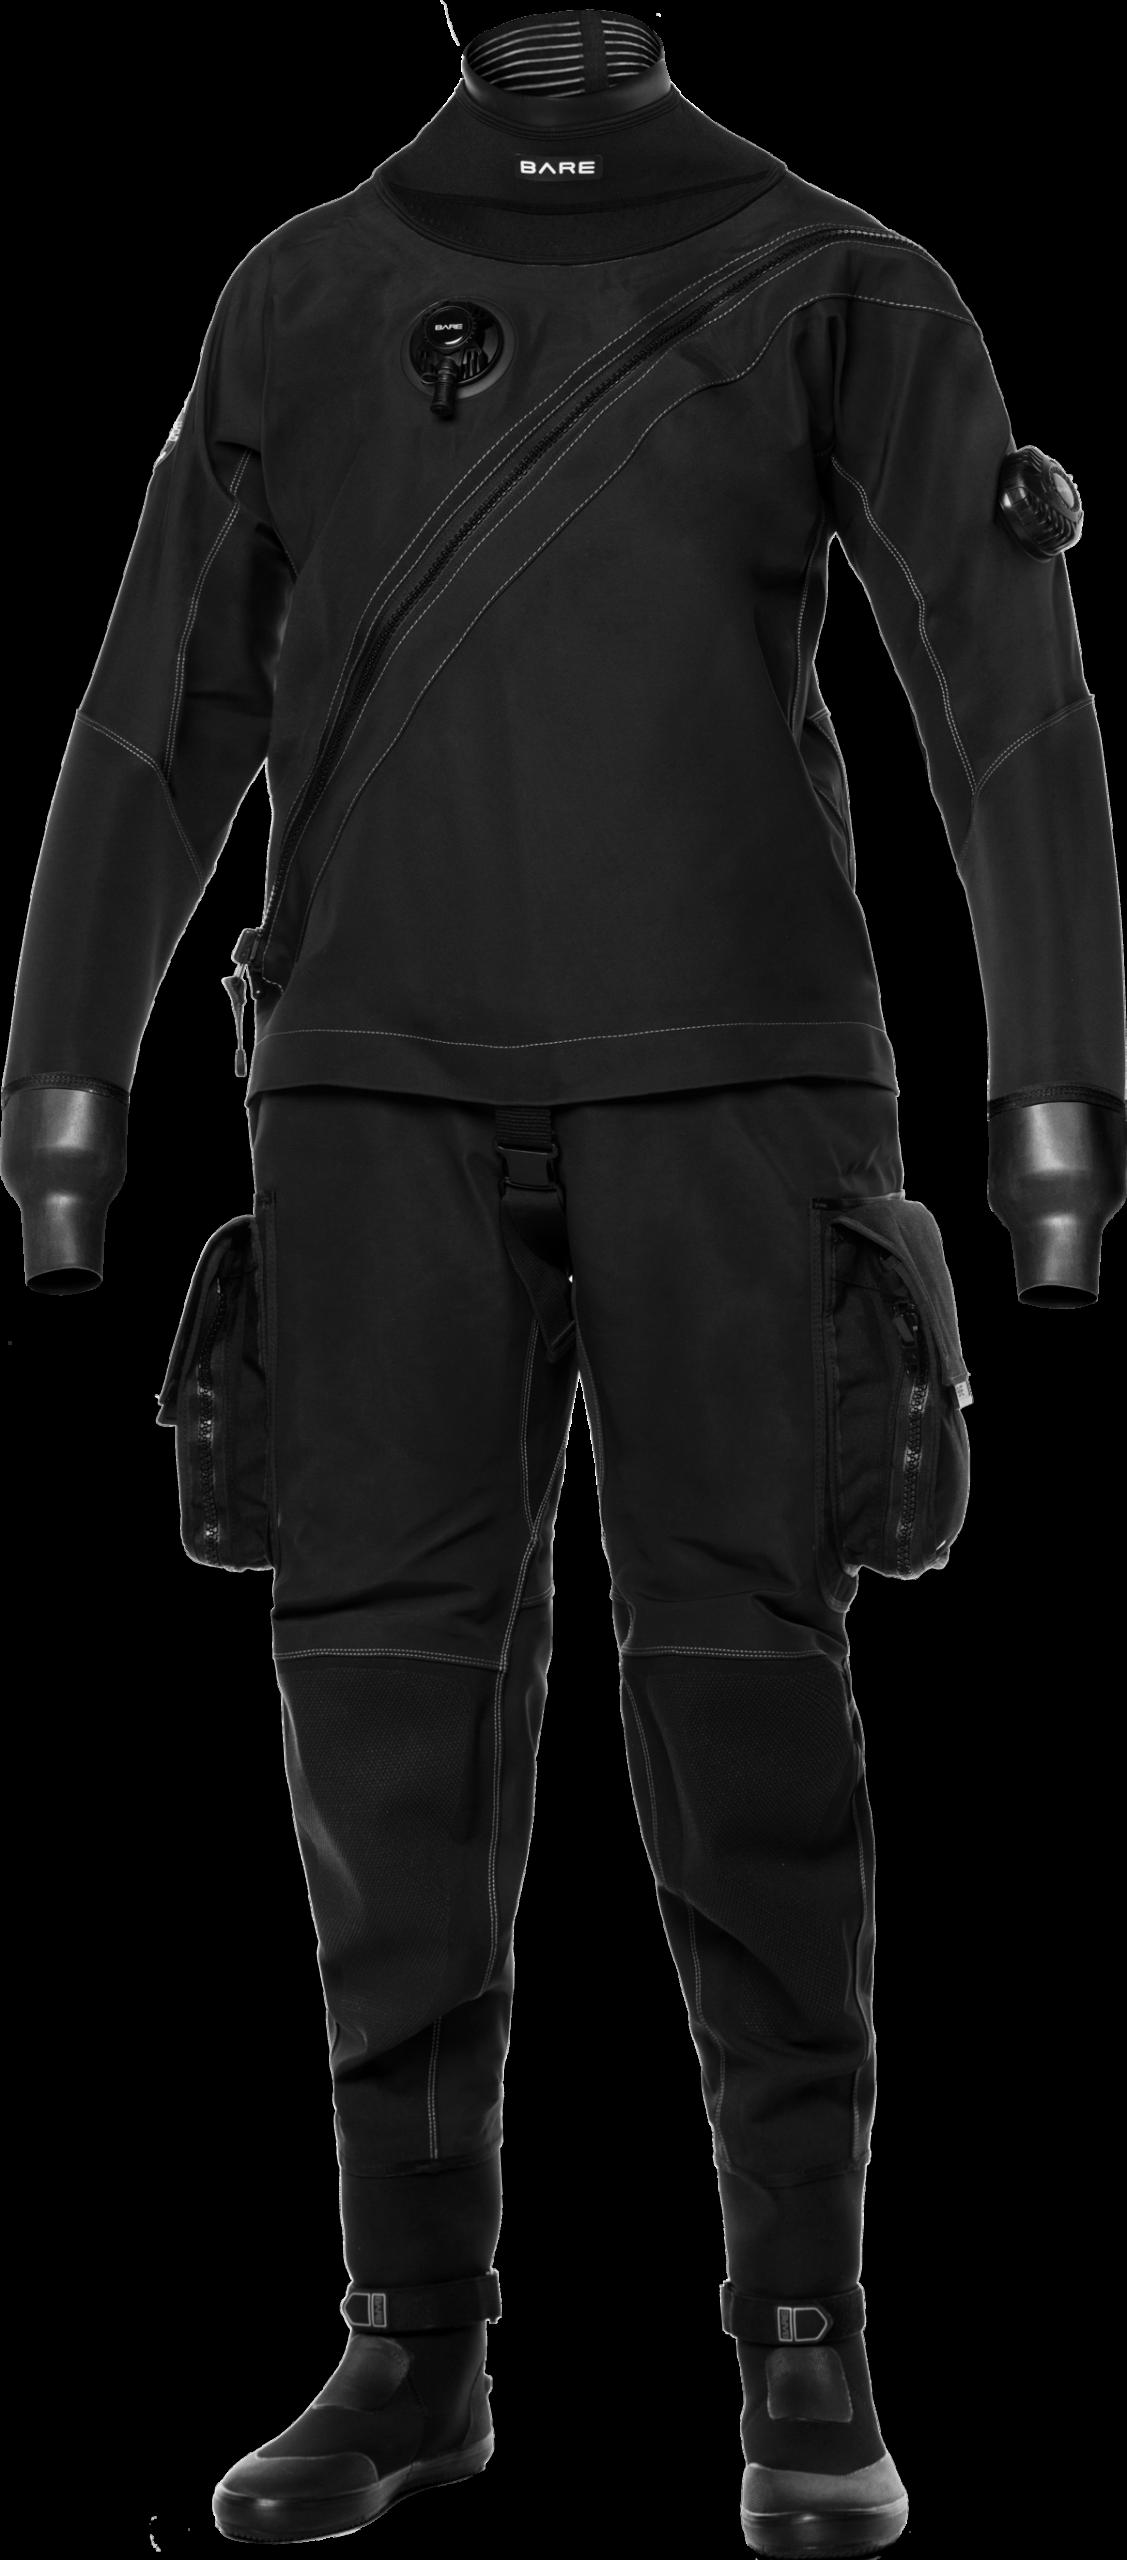 BARE Sport X-Mission Evolution Image